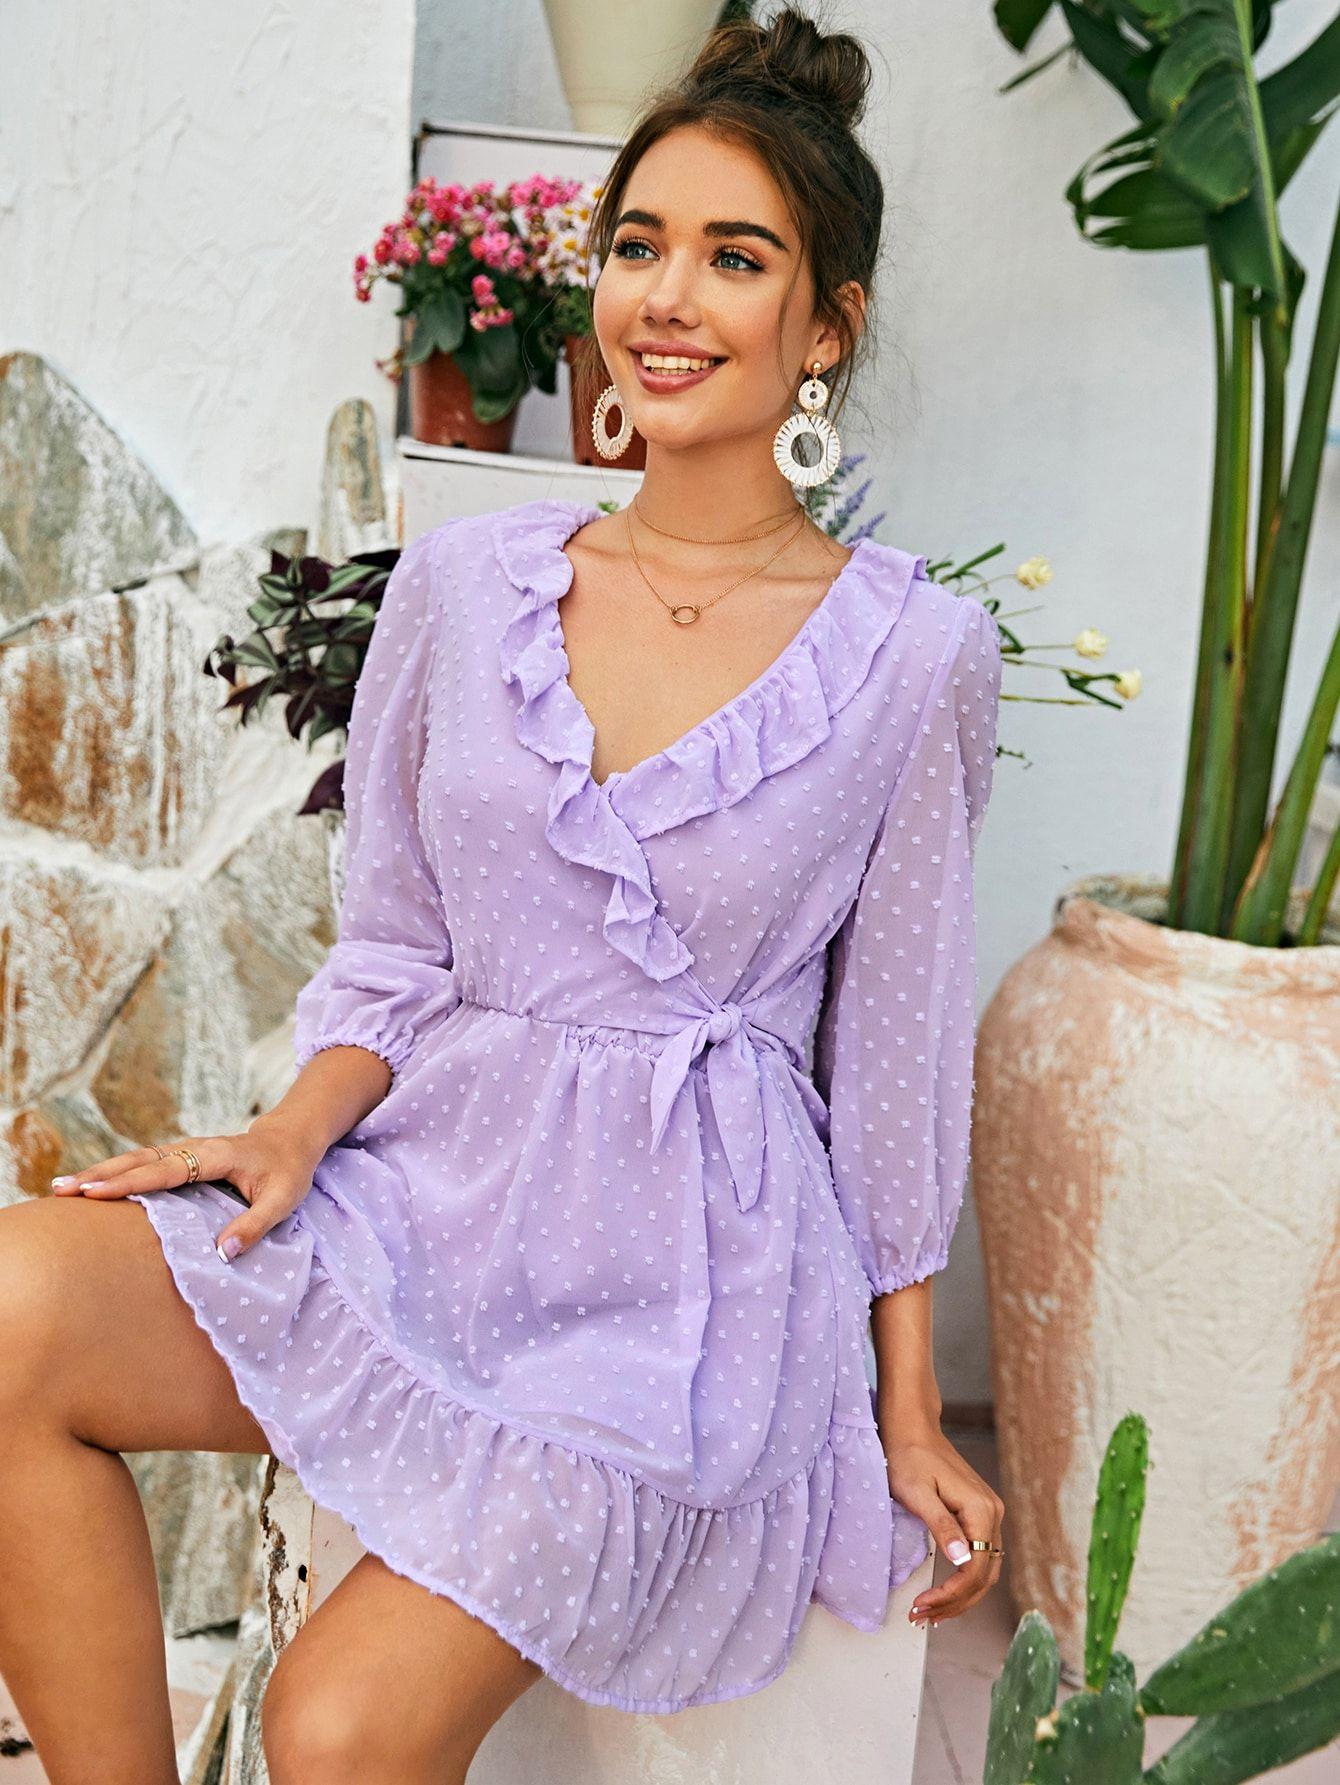 Swiss Dot Knot Front Ruffle Hem Dress Shein Usa Purple Dress Outfits Purple Dress Casual Purple Summer Dress [ 1785 x 1340 Pixel ]